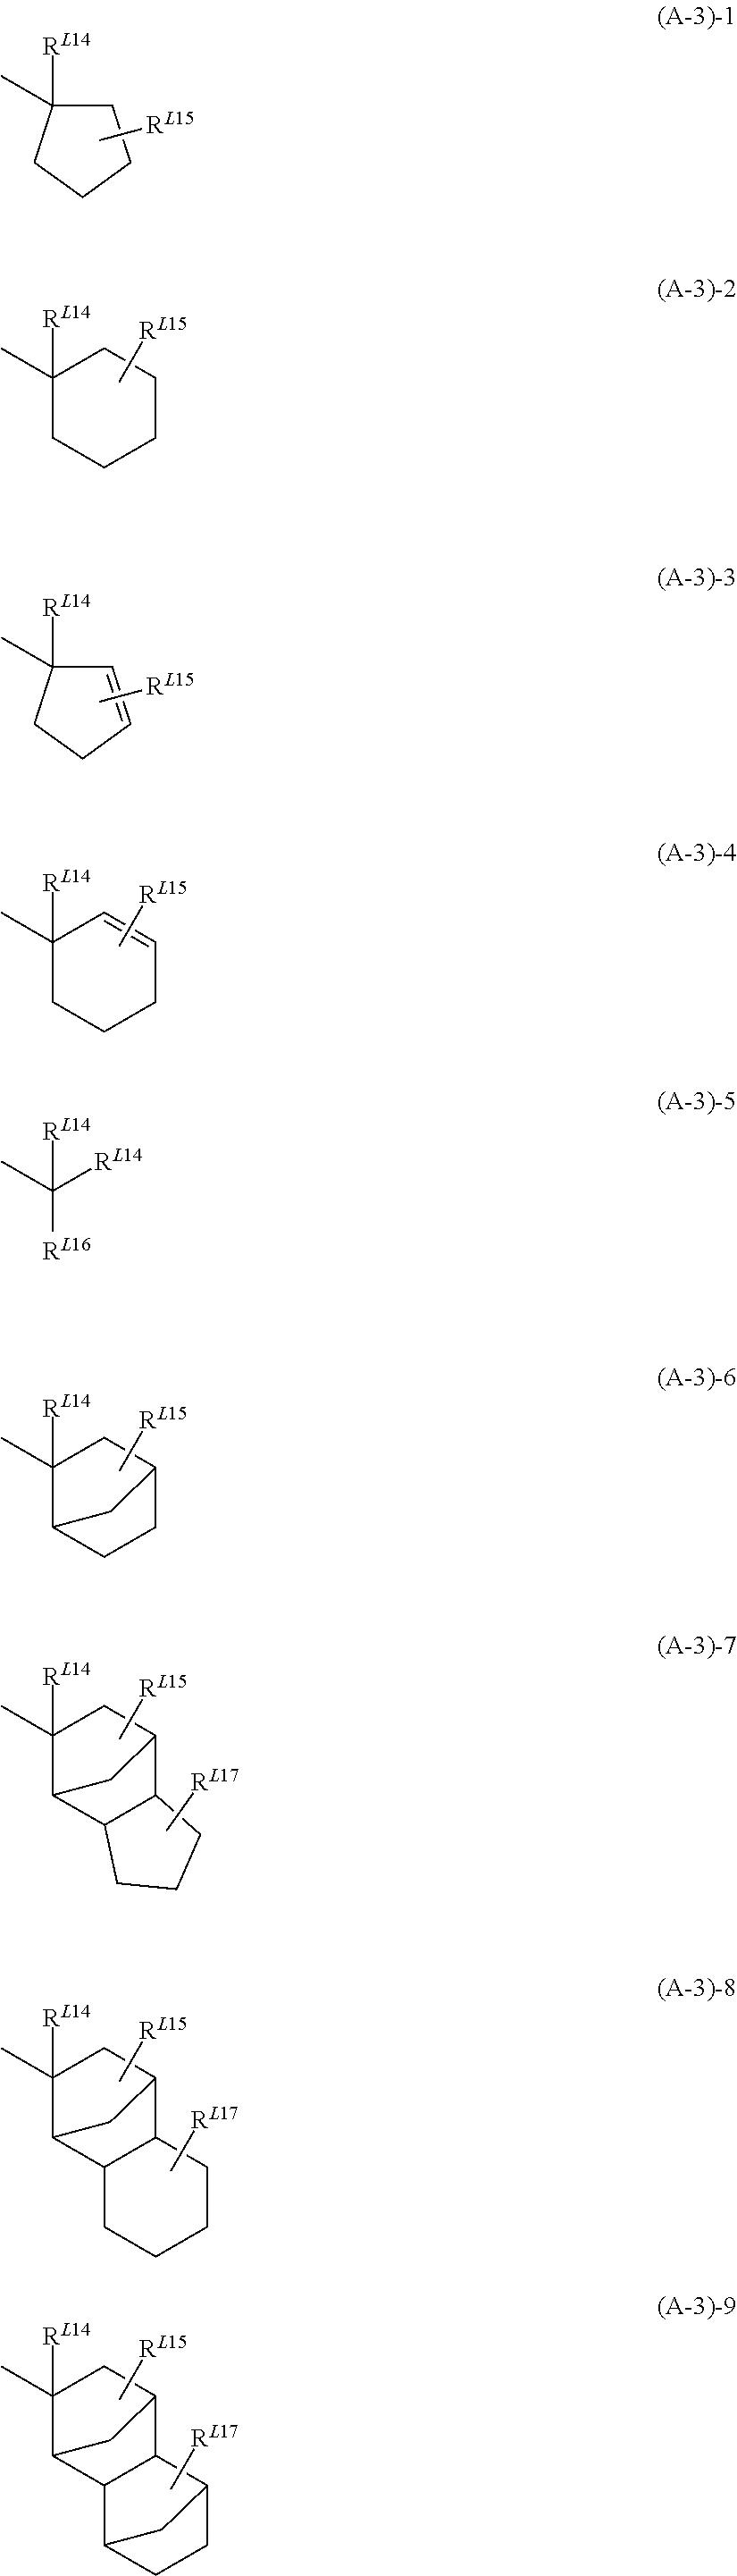 Figure US20110294070A1-20111201-C00028